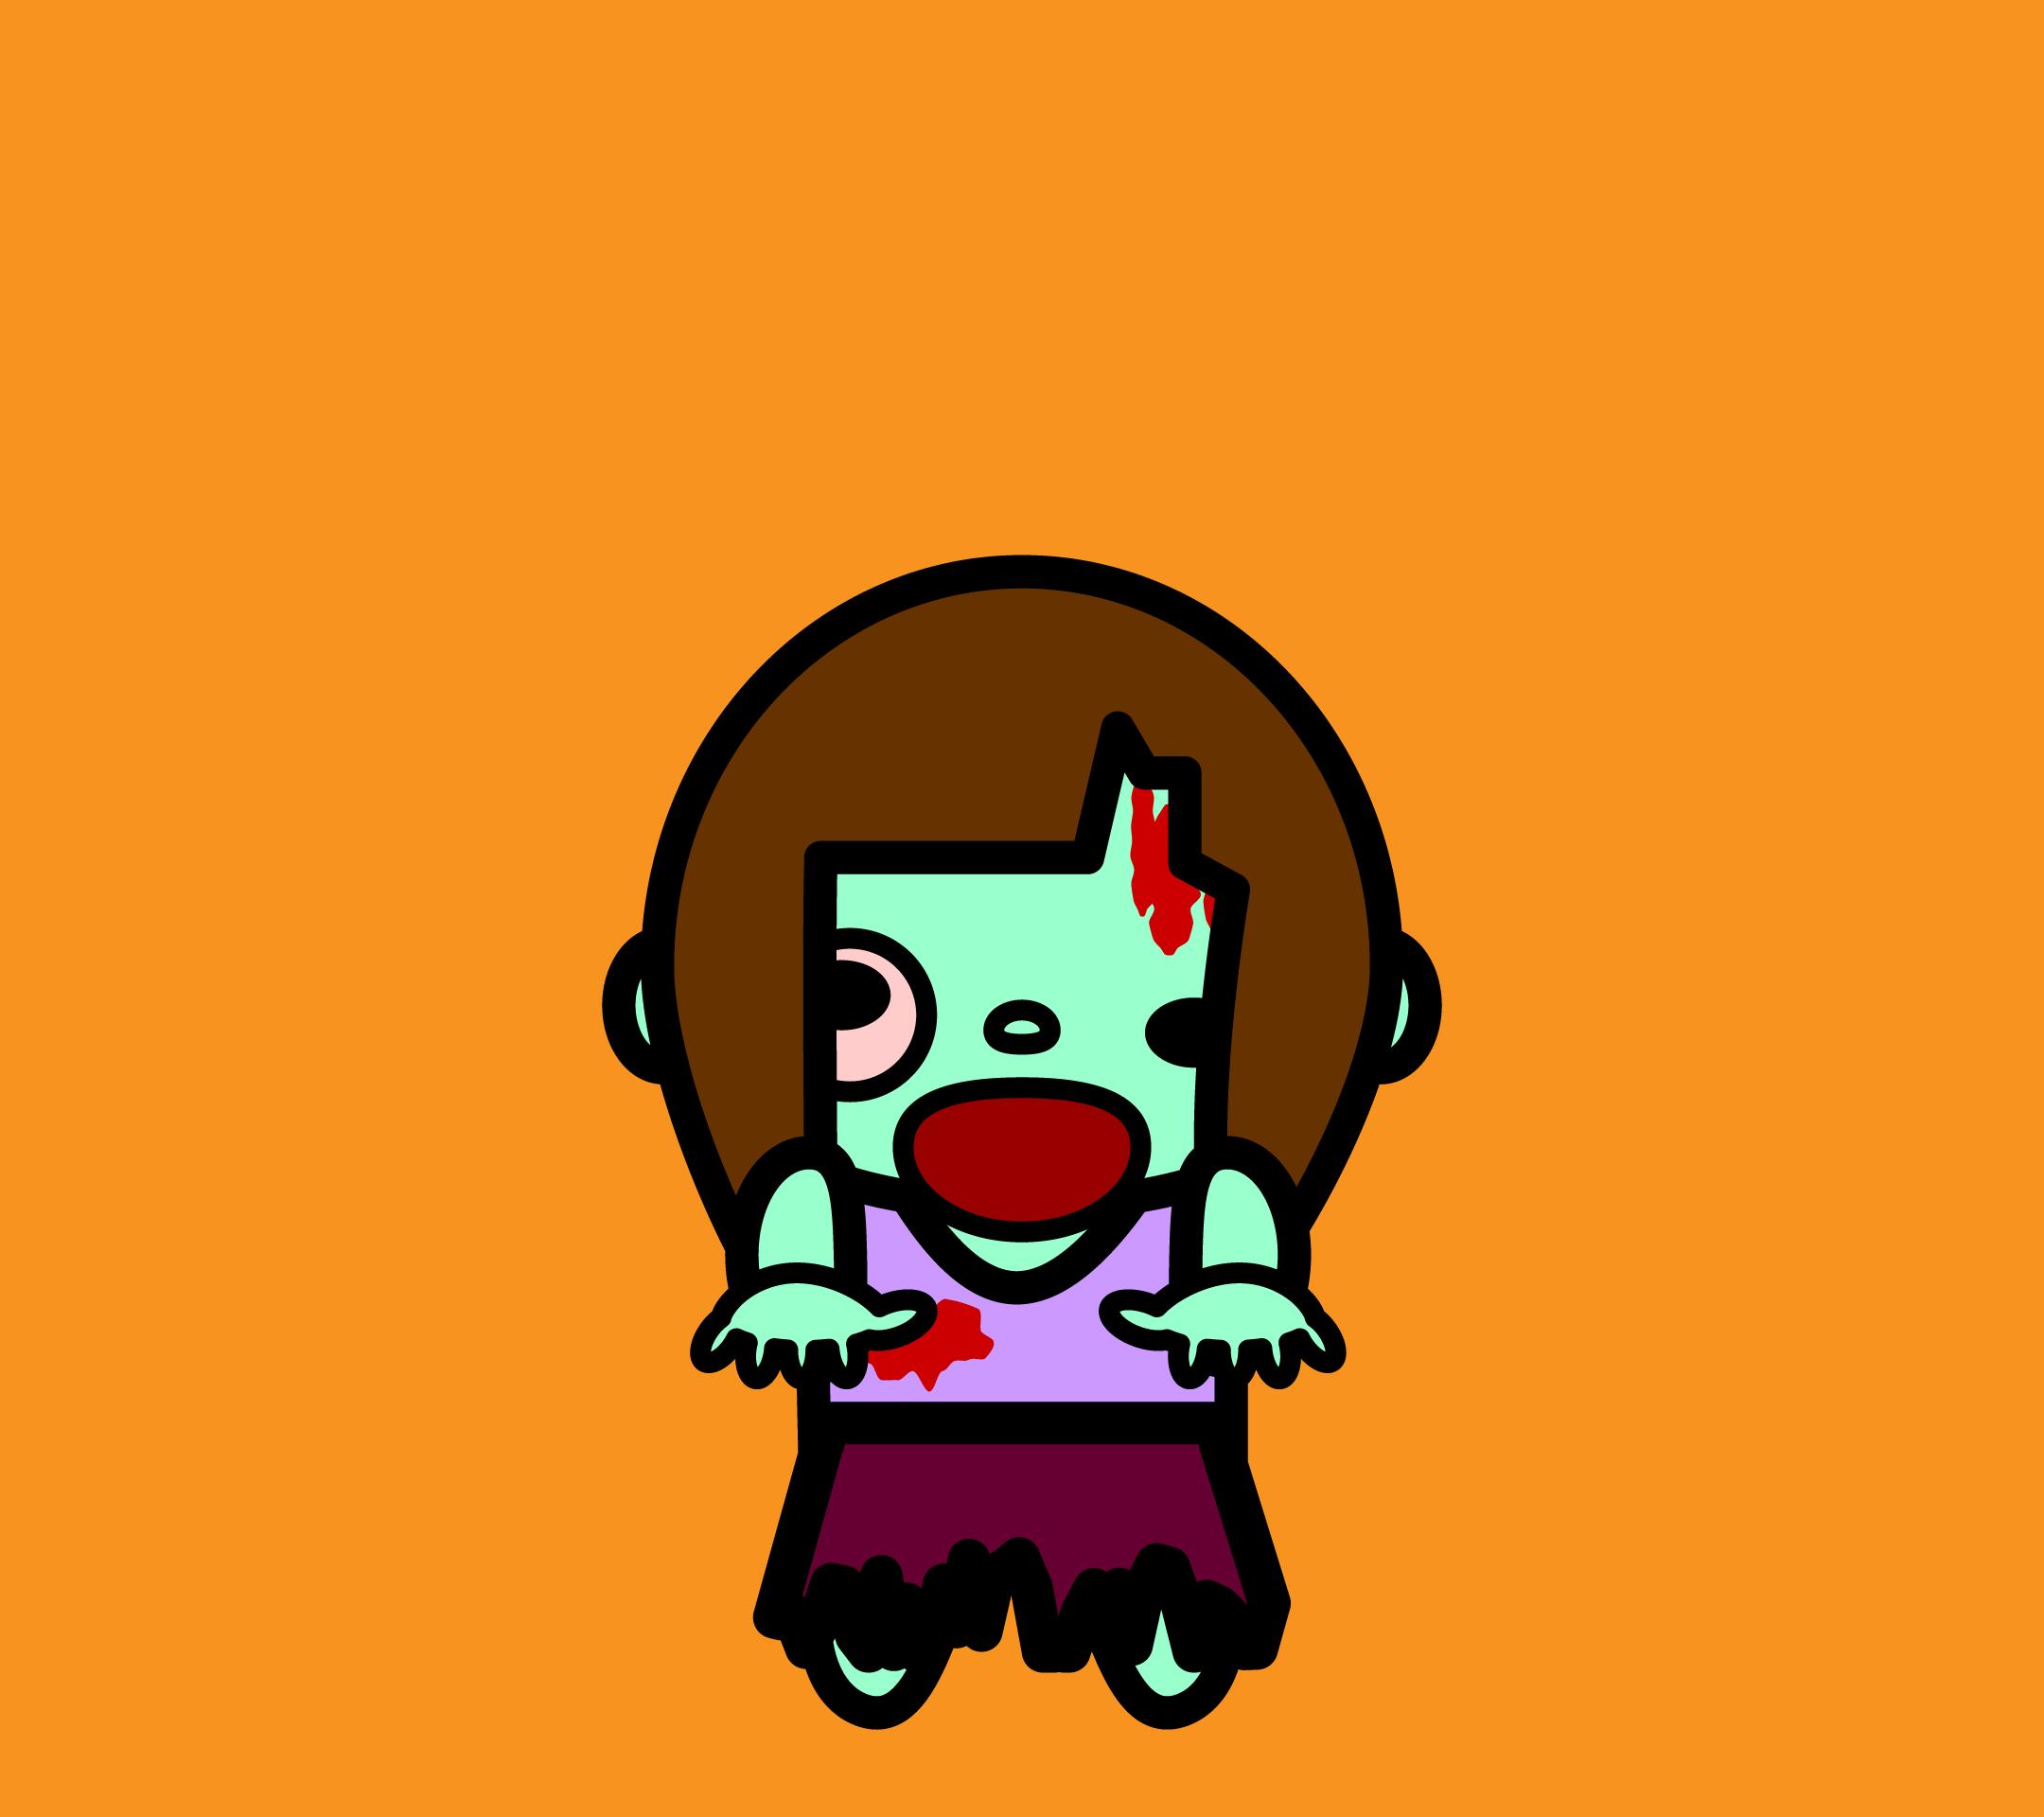 かわいいゾンビ(女性)壁紙(Android)の無料イラスト・商用フリー